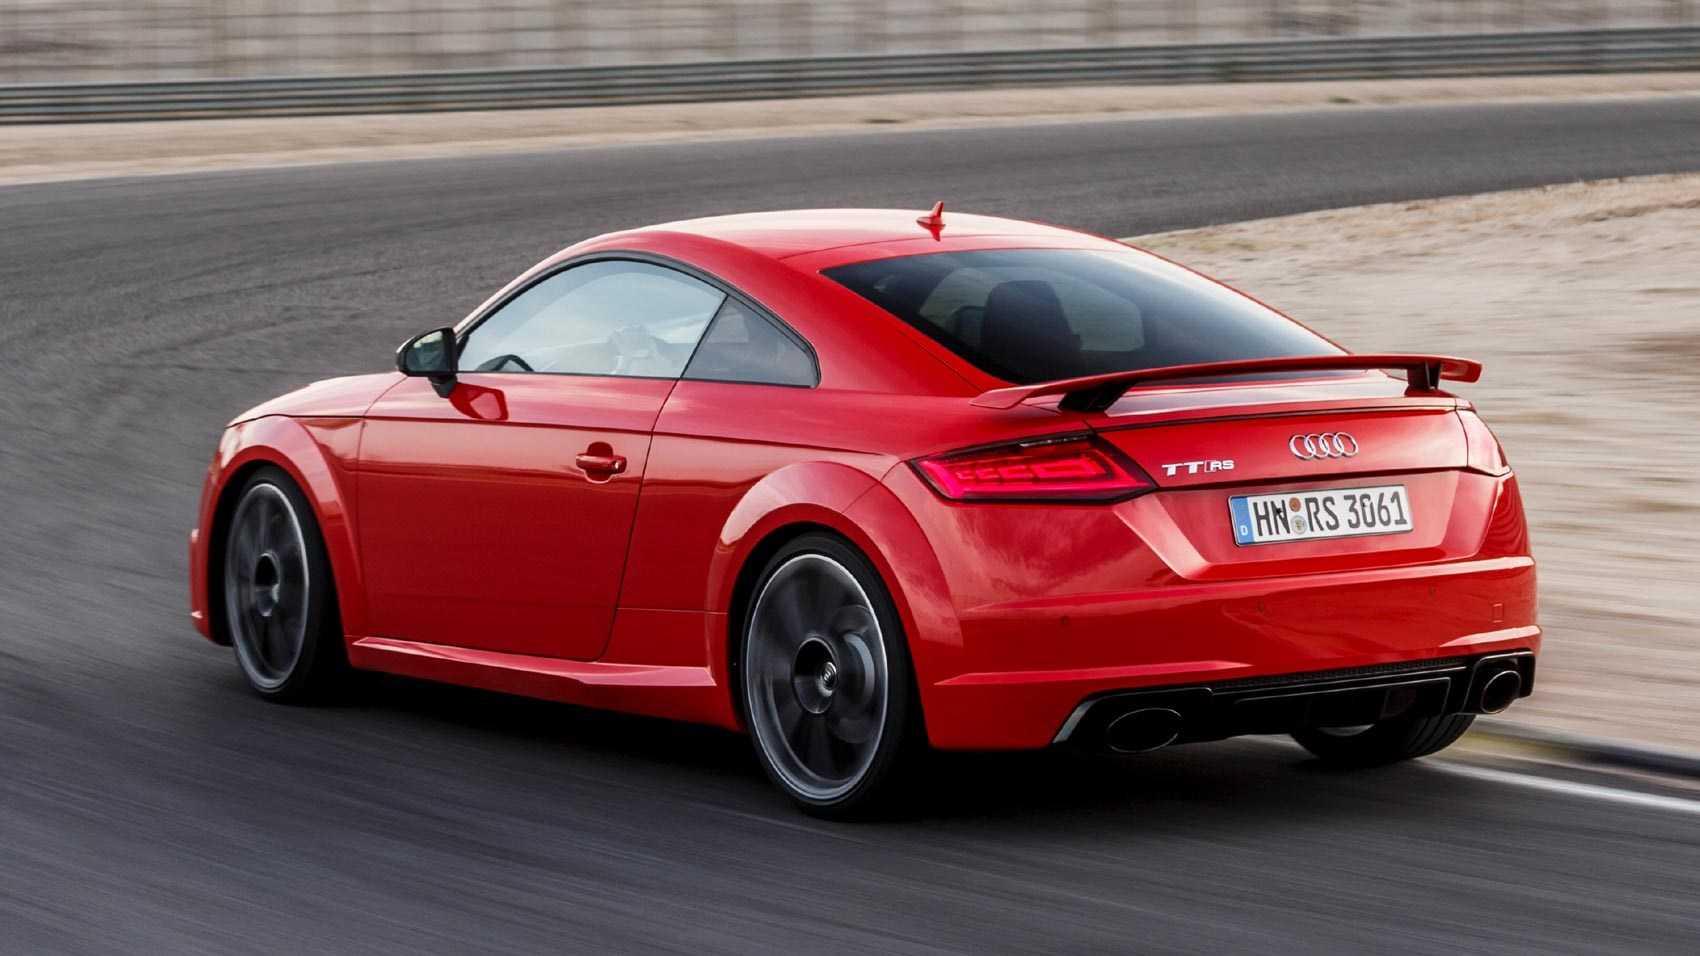 Audi tt rs 2019-2020 цена, технические характеристики, фото, видео тест-драйв